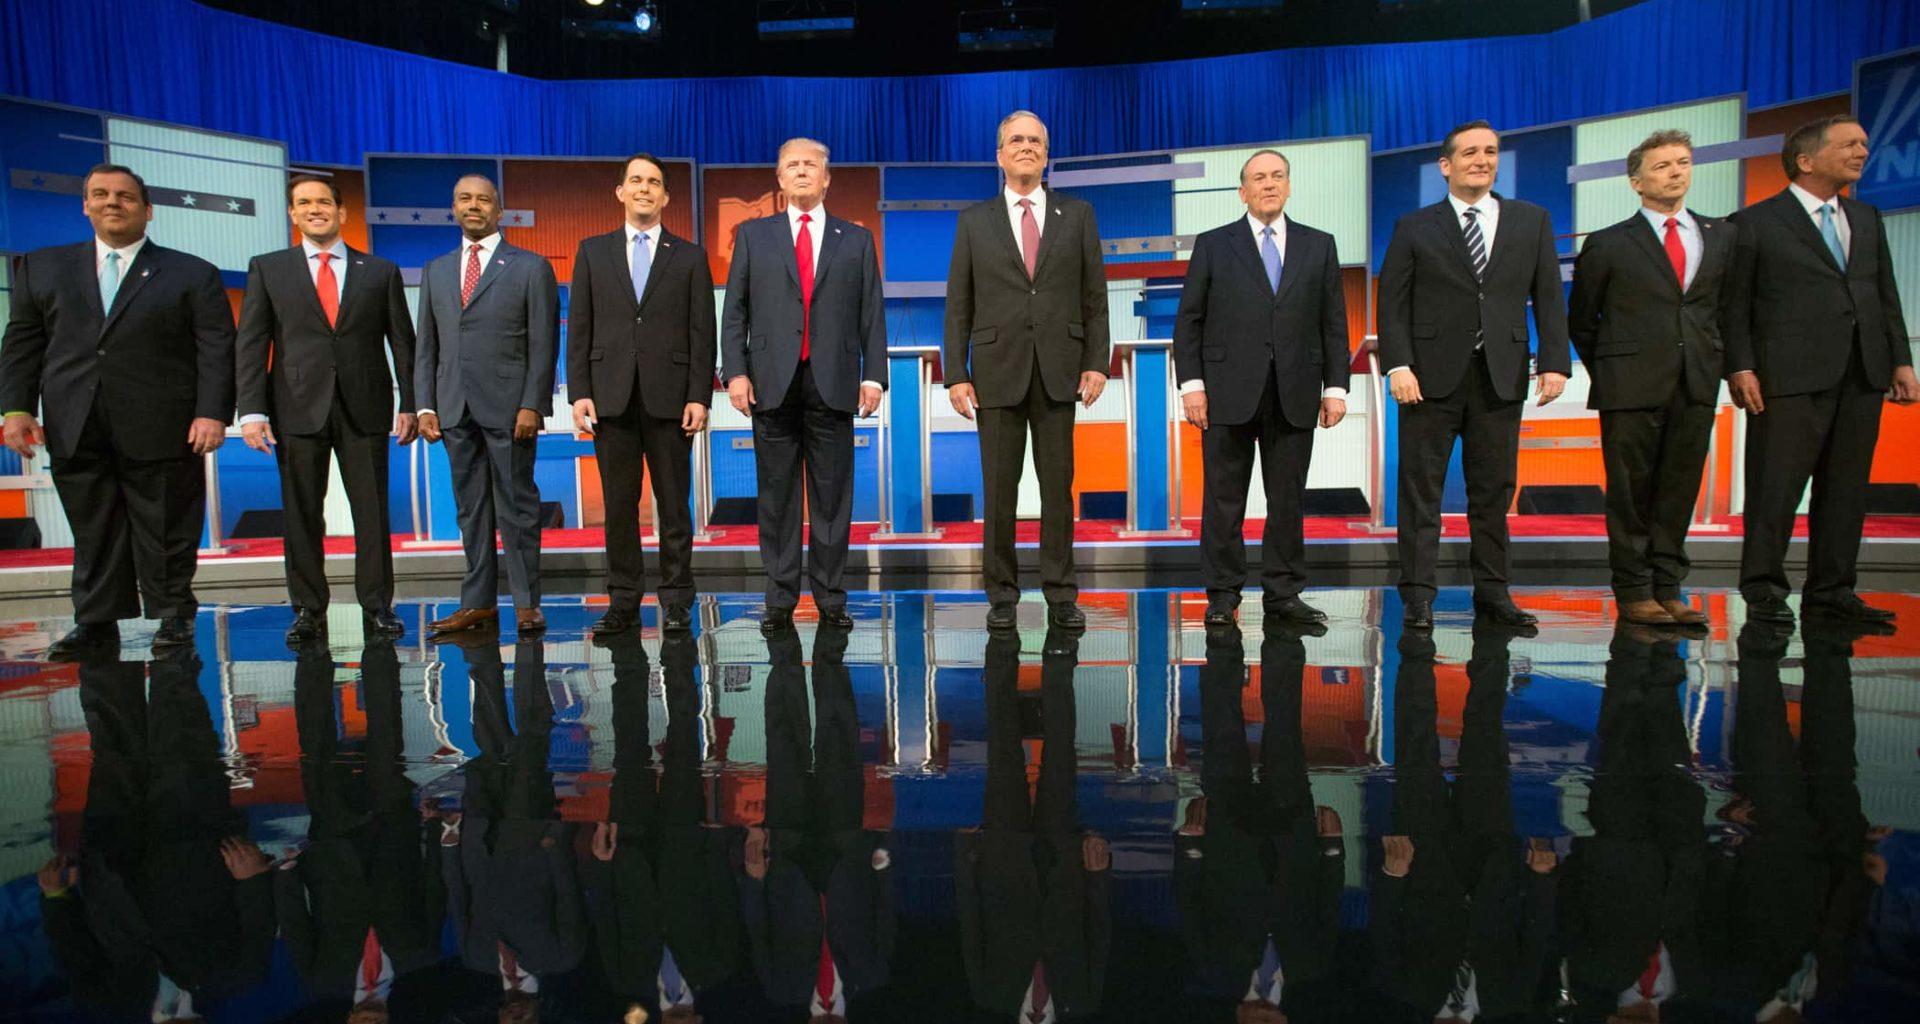 The 2016 GOP Presidential Debate Drinking Game! (VIDEO)